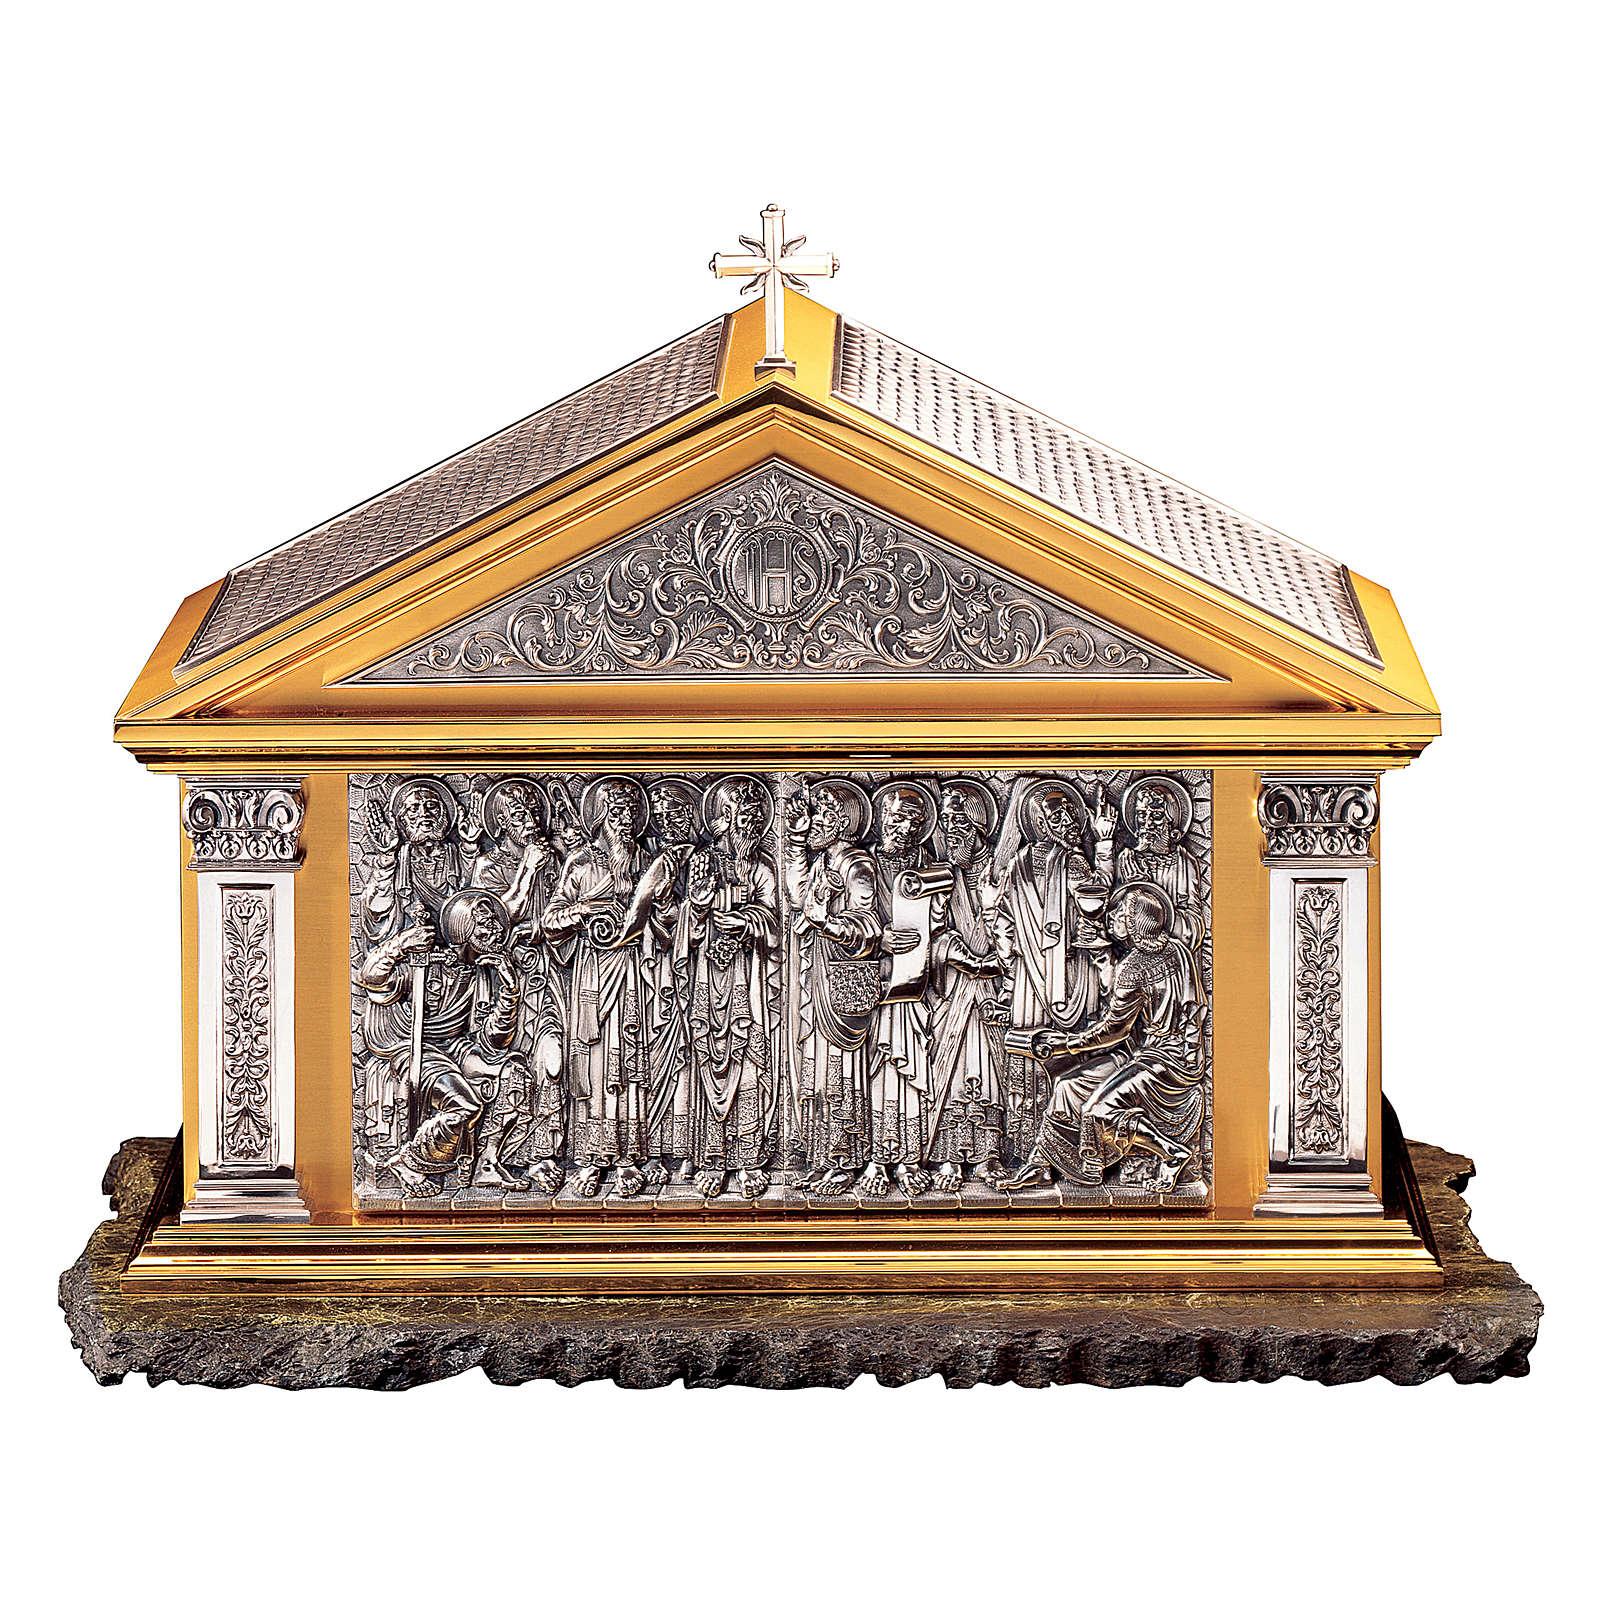 Tabernacolo Molina Stile Classico Dodici Apostoli ottone bicolore 60x72,4x40 cm 4